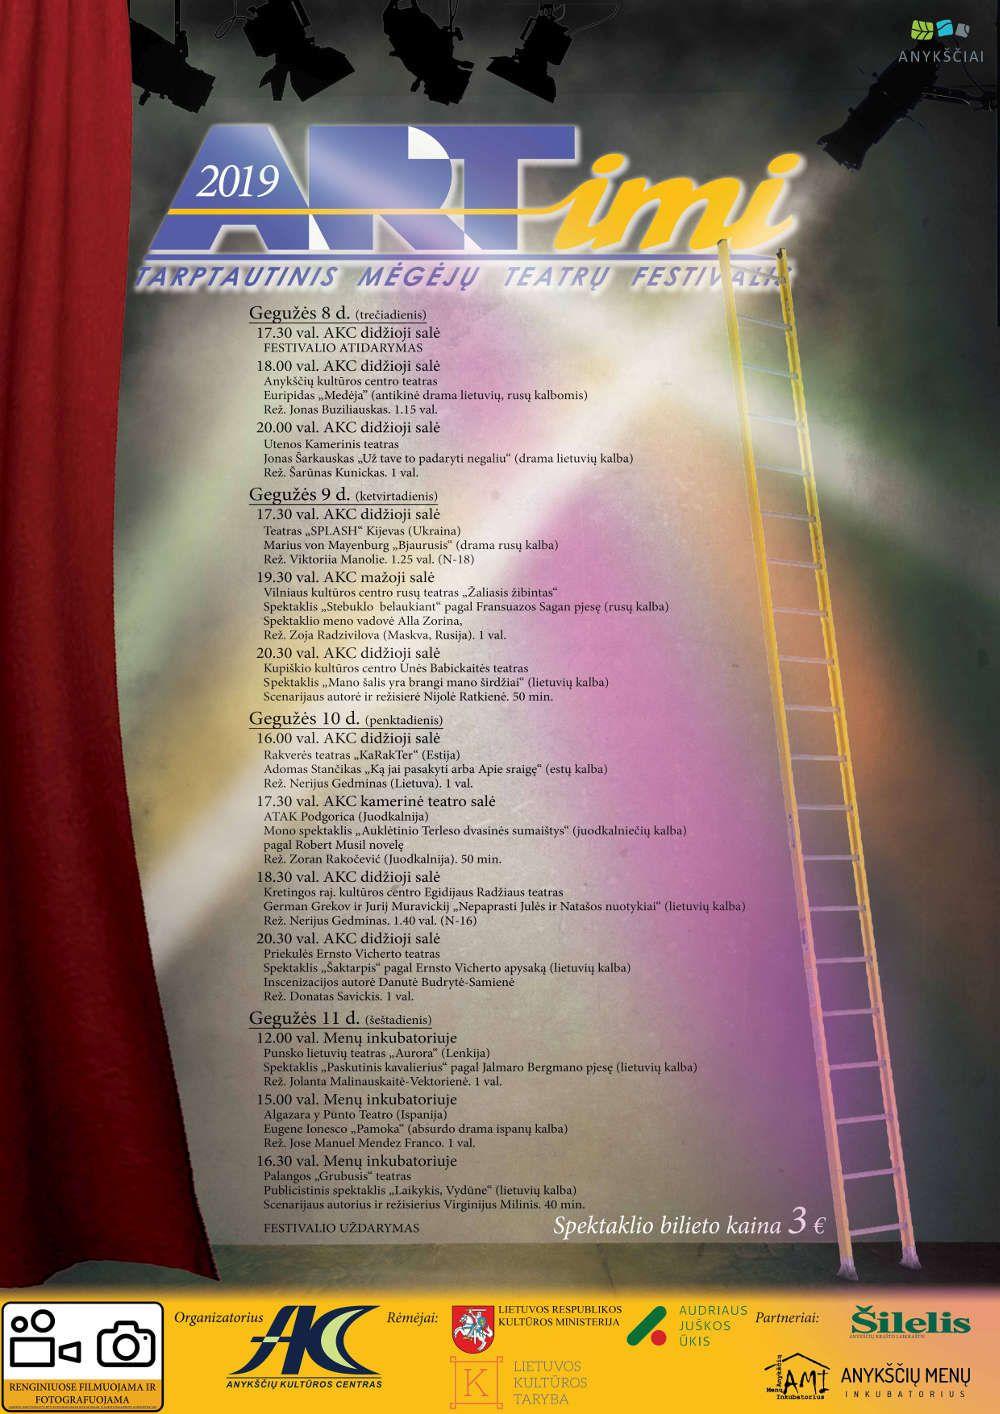 """Tarptautinis mėgėjų teatrų festivalis """"ARTimi"""" (2019) / Mono spektaklis """"Auklėtinio Terleso dvasinės sumaištys"""""""